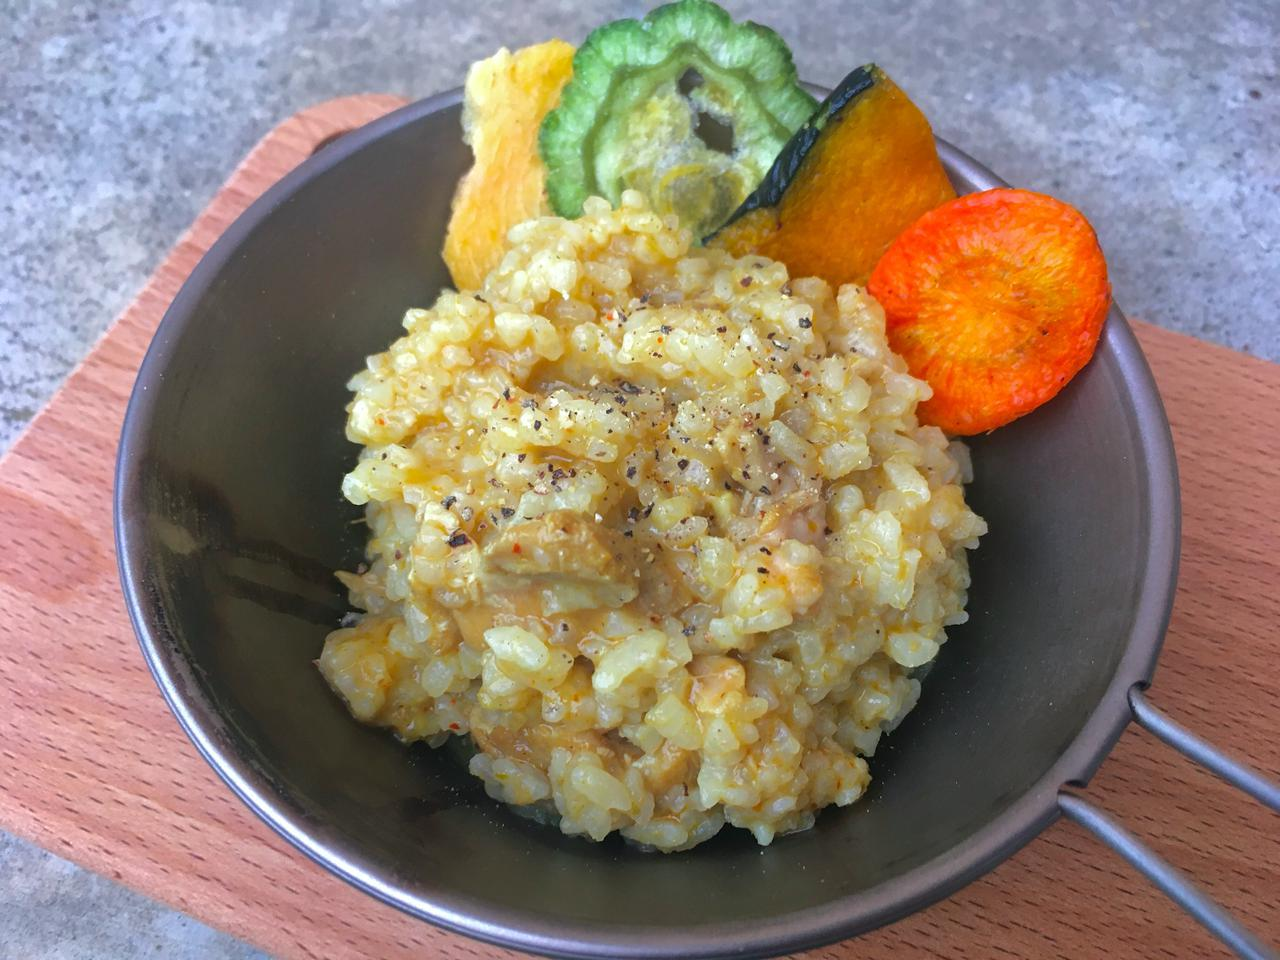 画像: 【簡単山ごはんレシピ】軽量化におすすめの「アルファ米」を使用したカレー飯をご紹介 - ハピキャン|キャンプ・アウトドア情報メディア